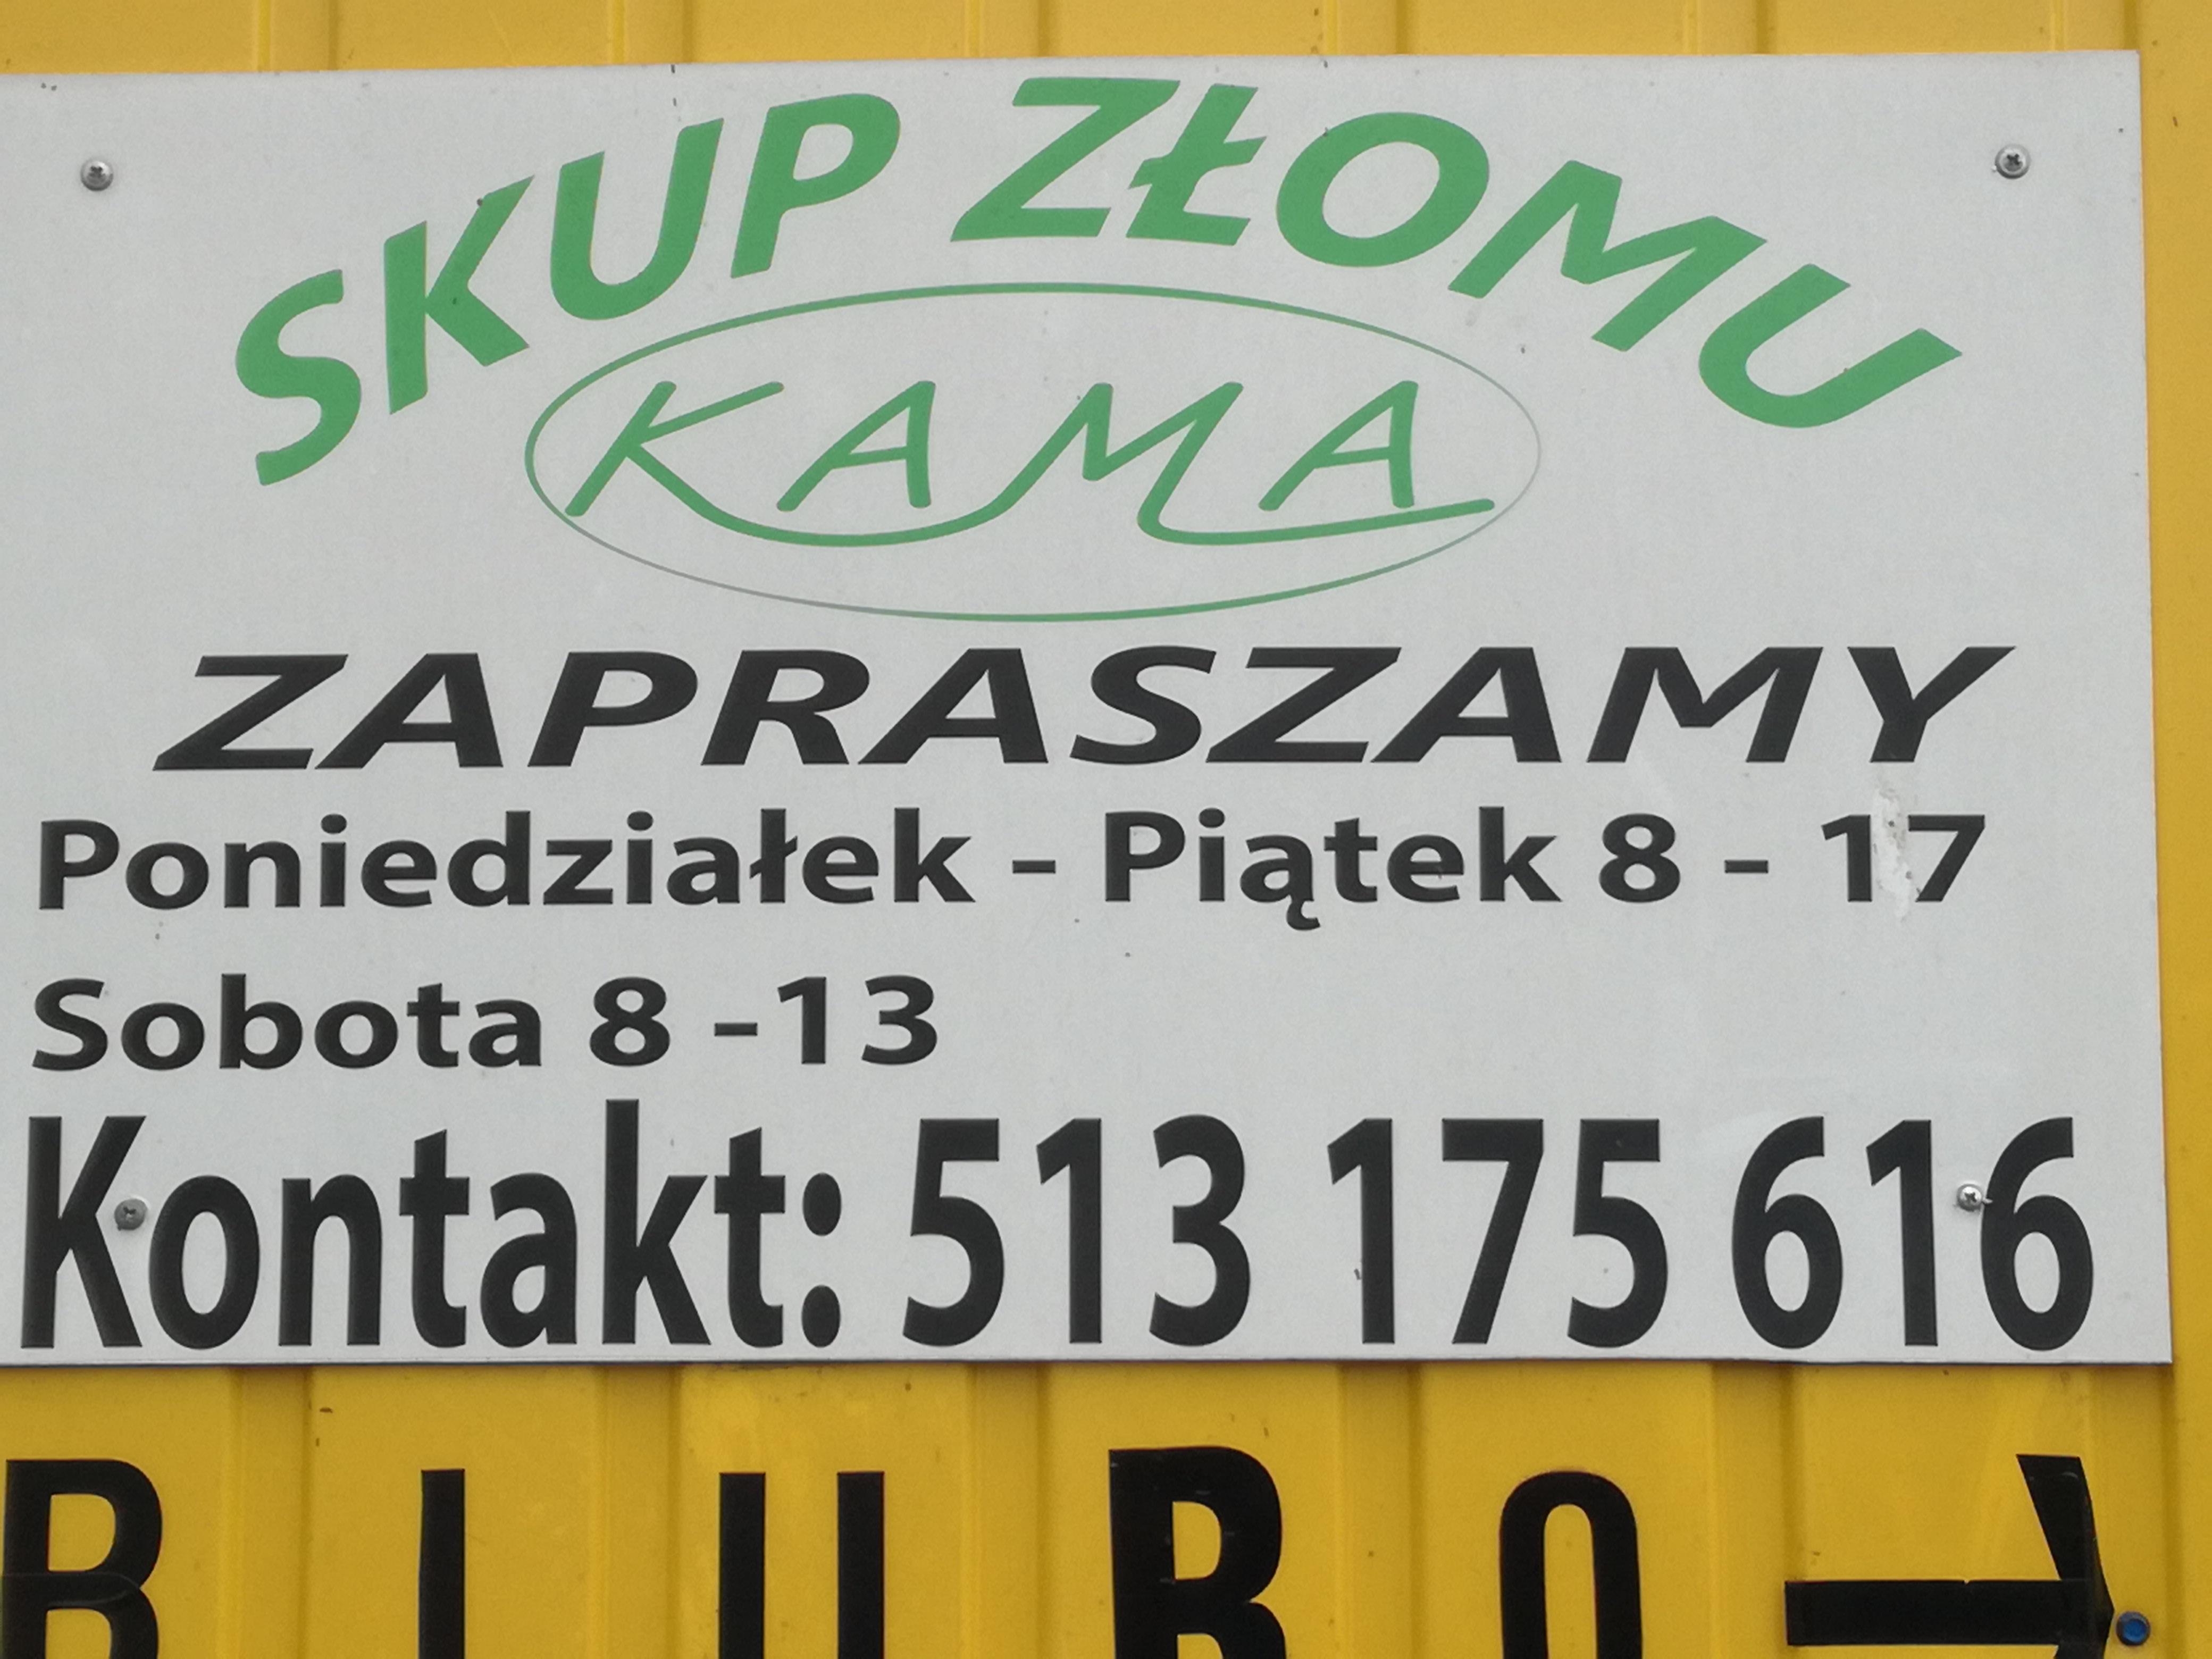 FHU Kama Katarzyna Piechnik